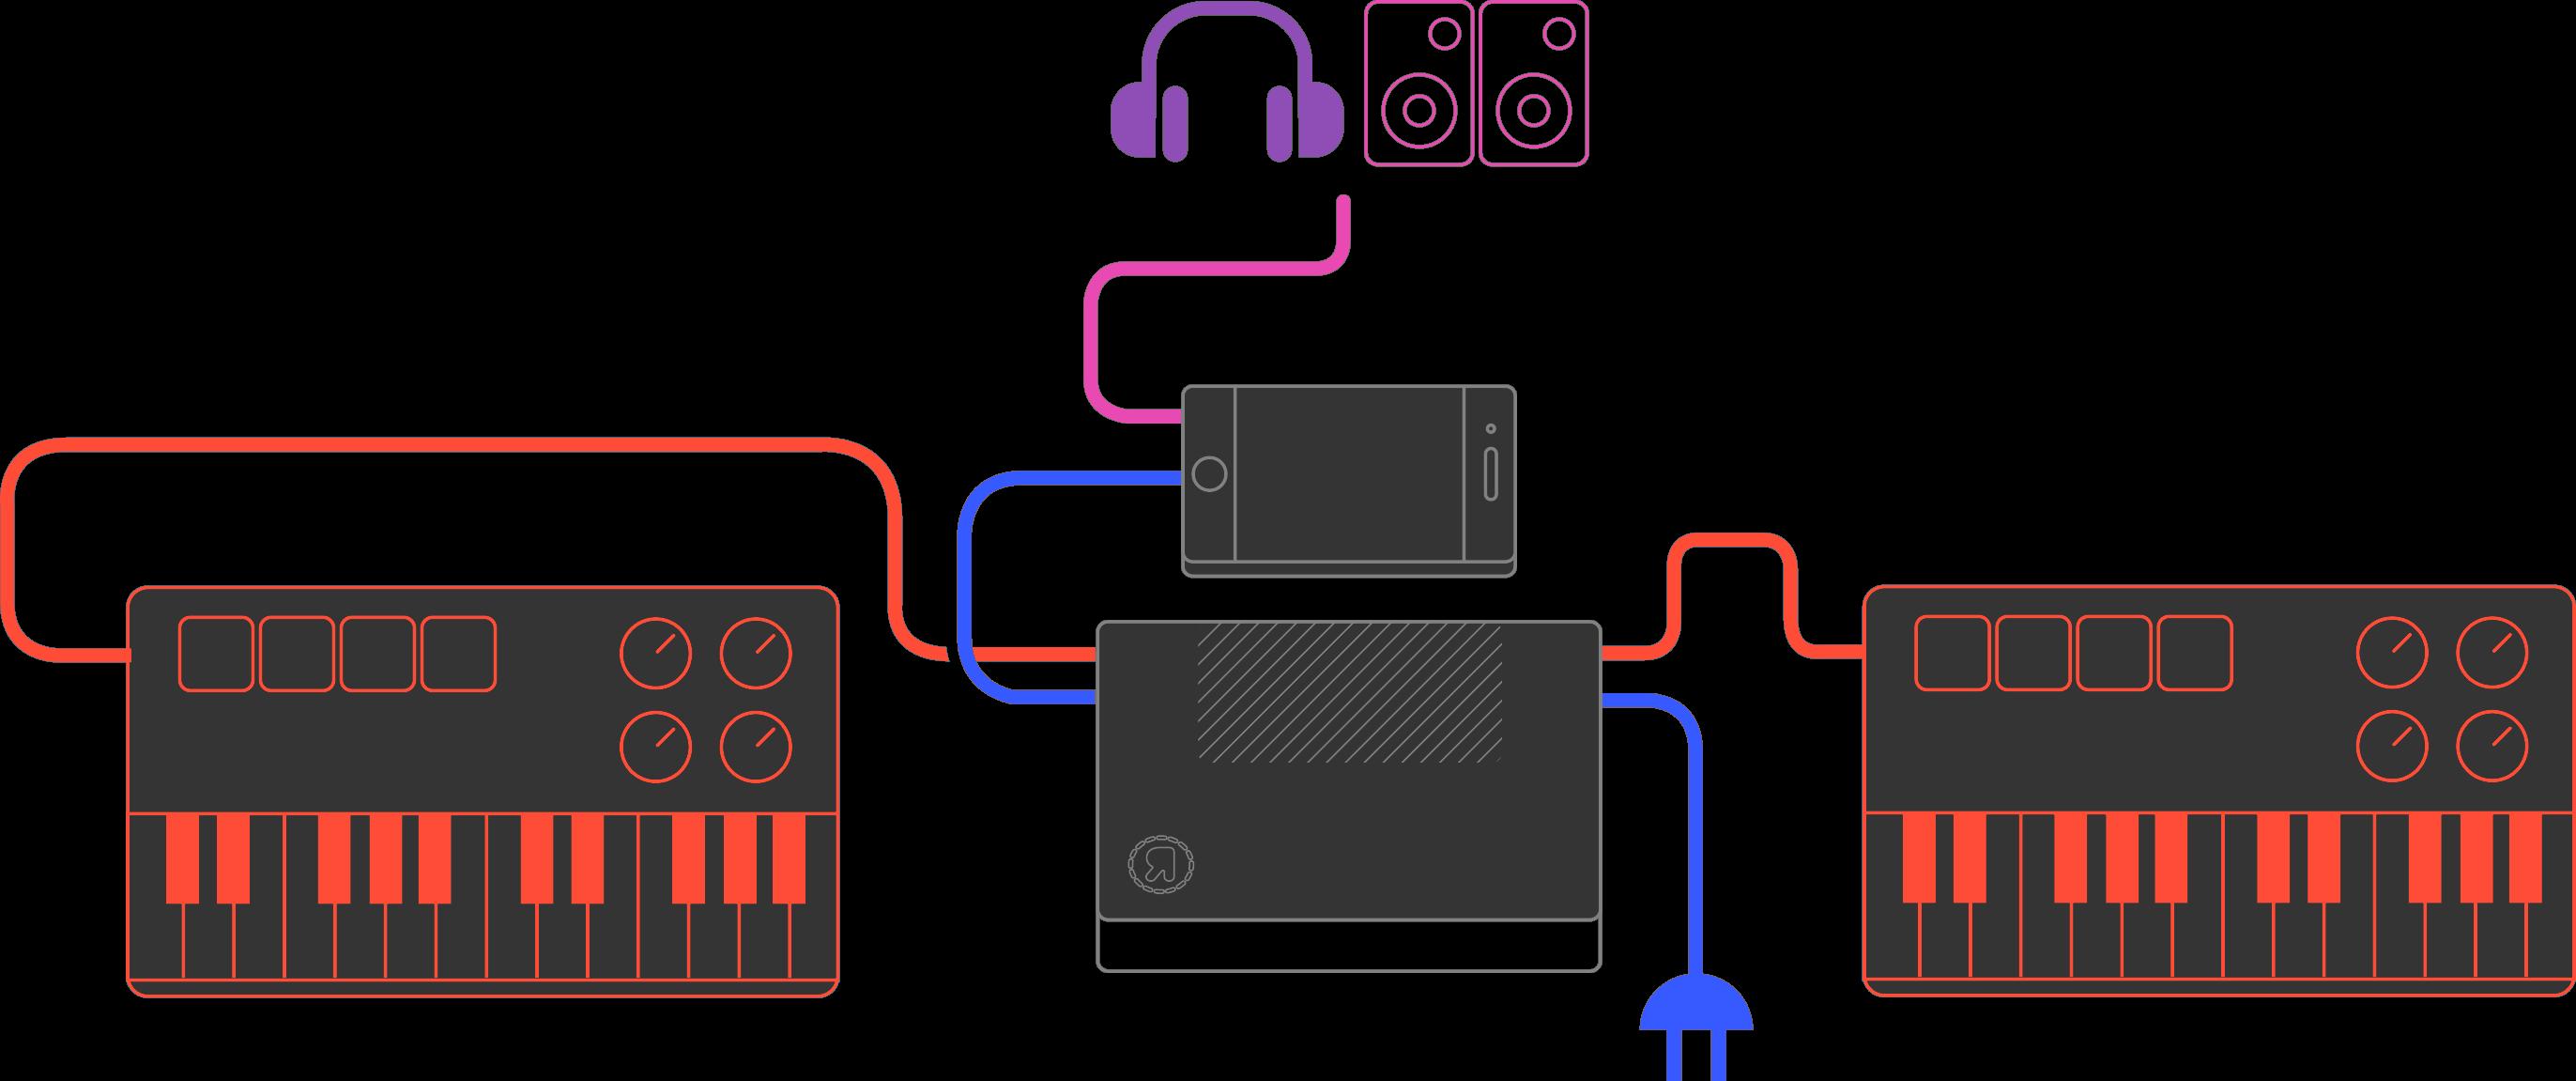 hook  live dj and mashup workstation